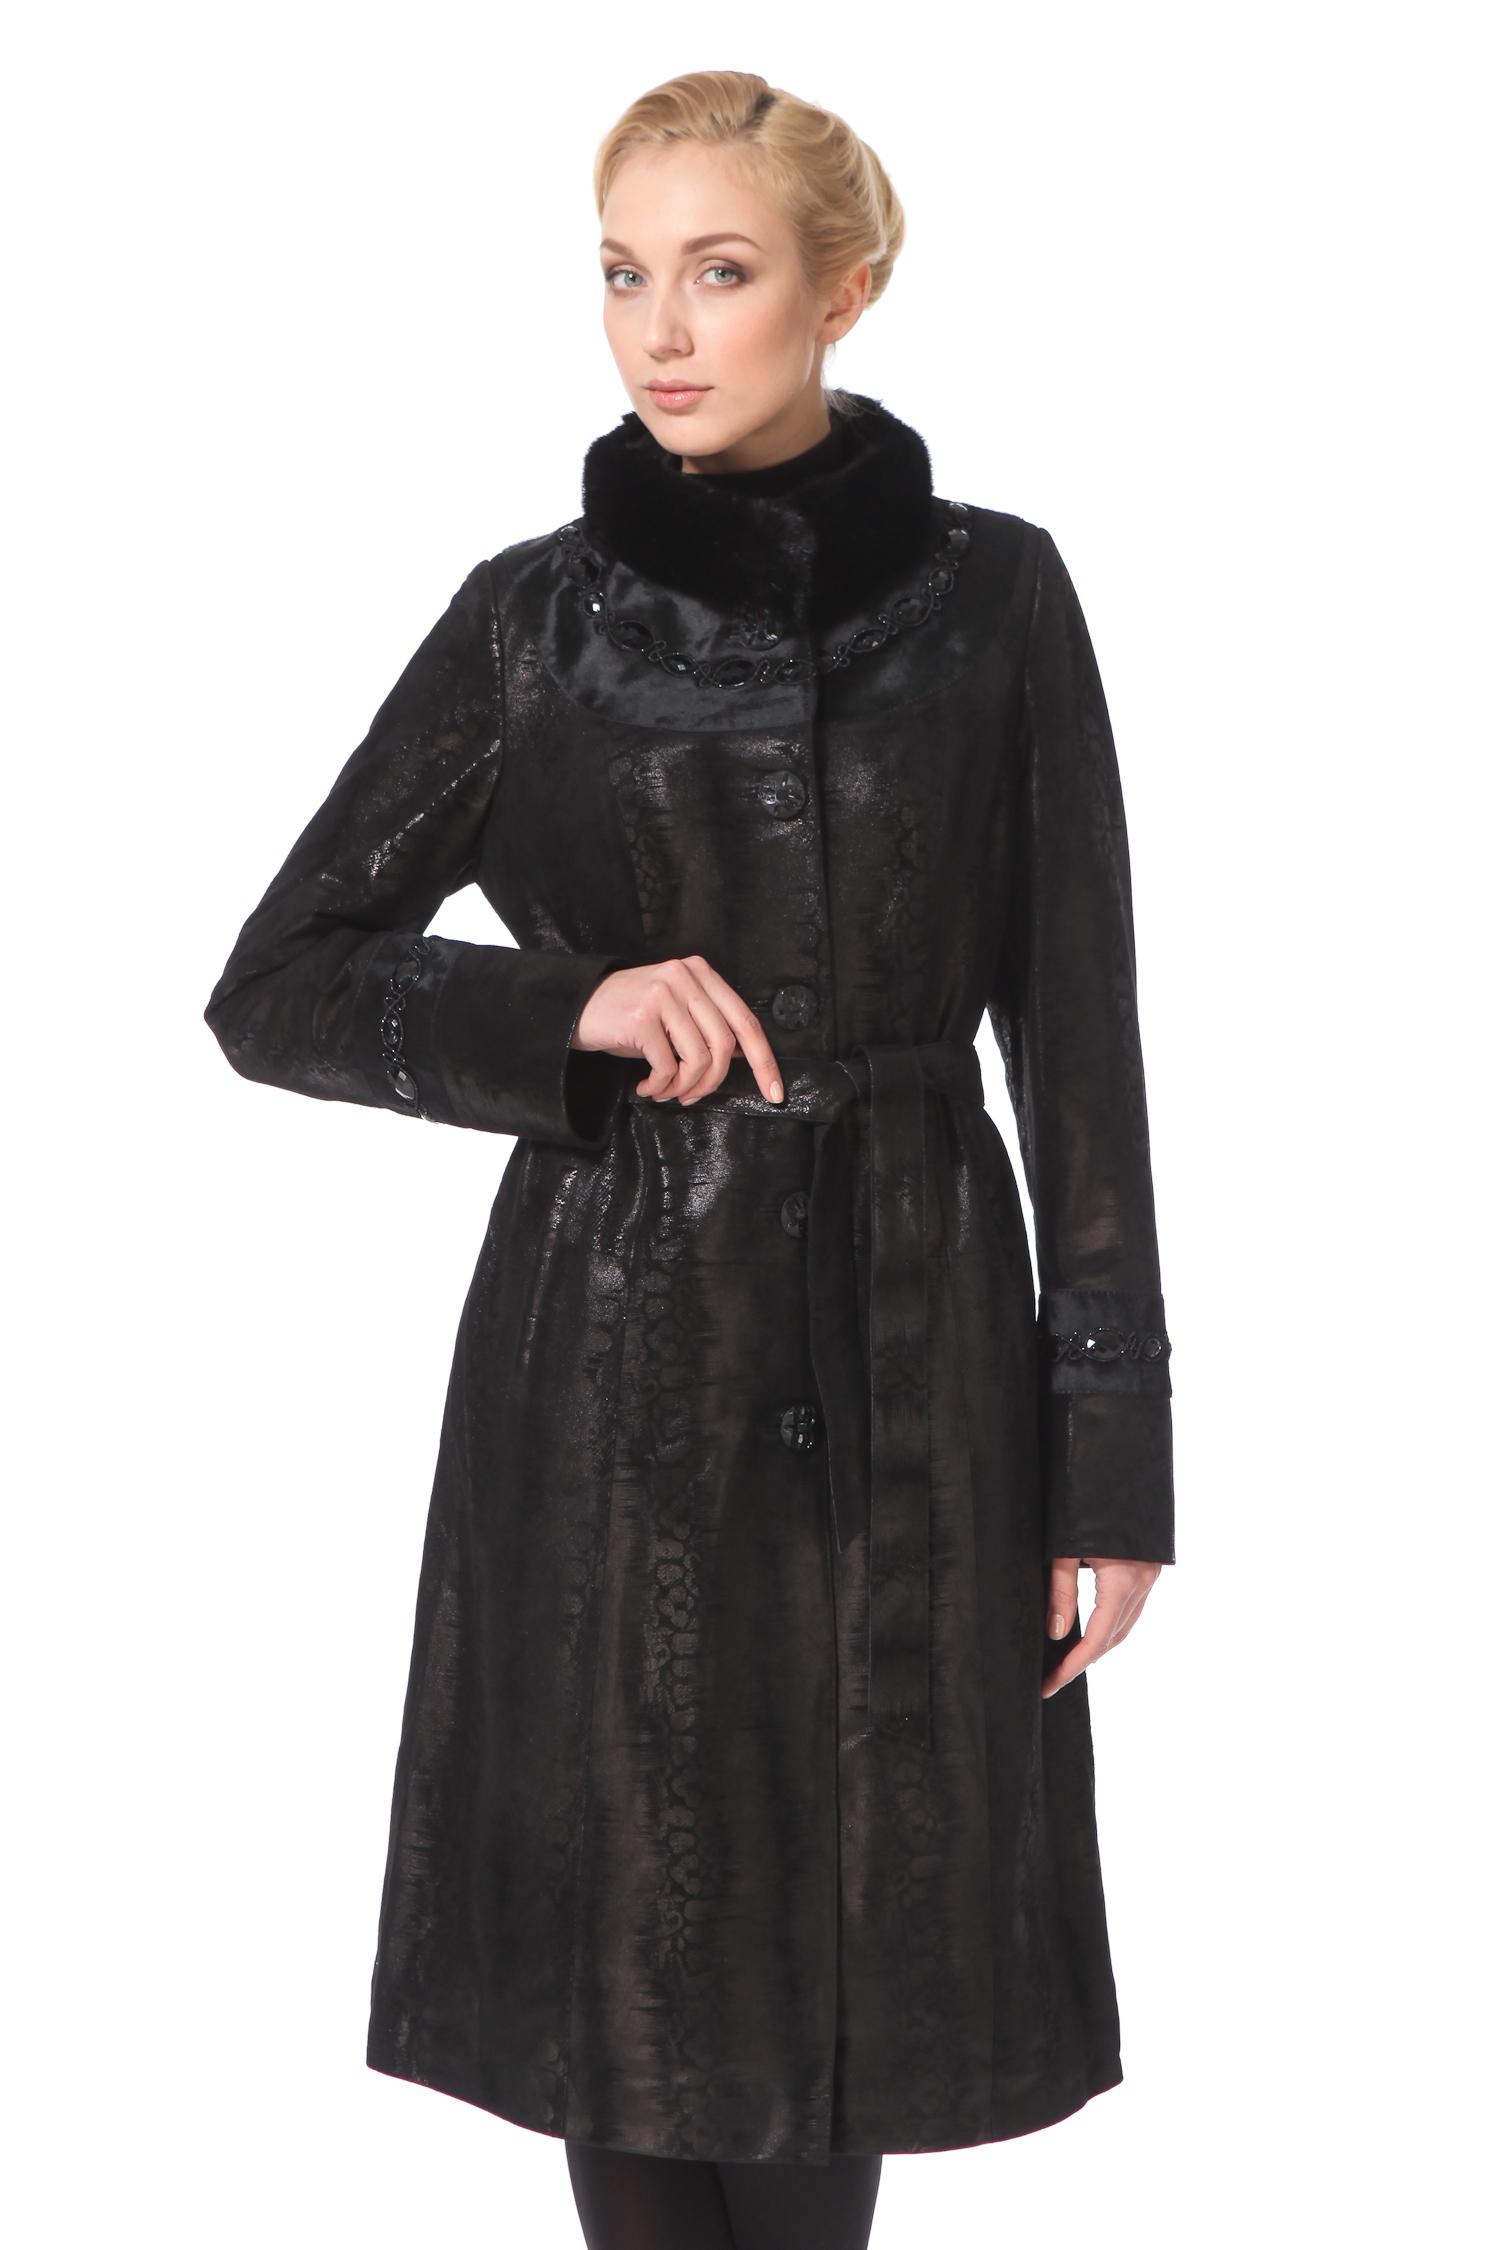 Женское кожаное пальто из натуральной замши (с накатом) с воротником, отделка норка от Московская Меховая Компания